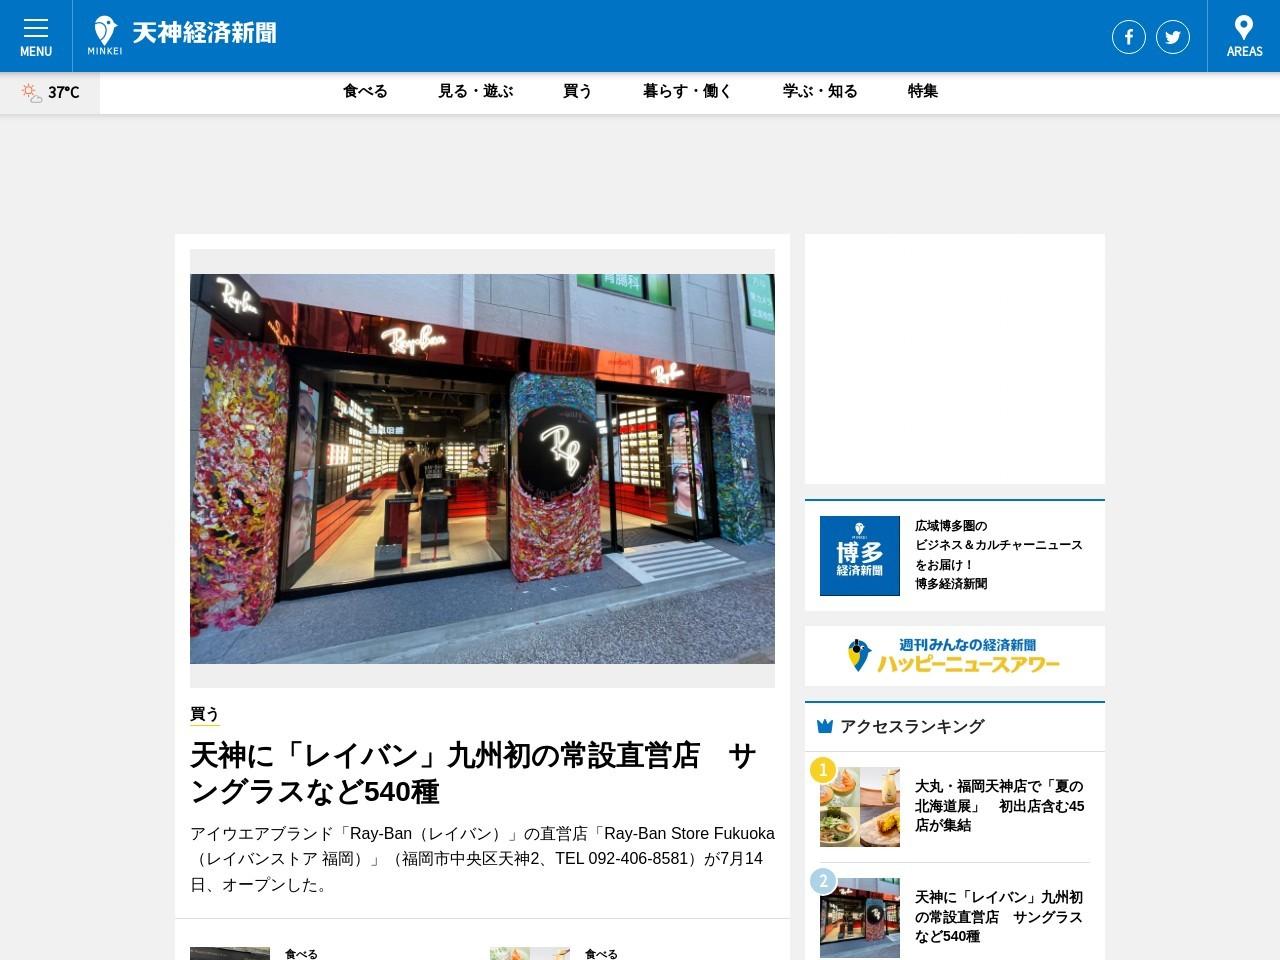 天神経済新聞・上半期PV1位は舞鶴公園で開催の「超カレーグランプリ」